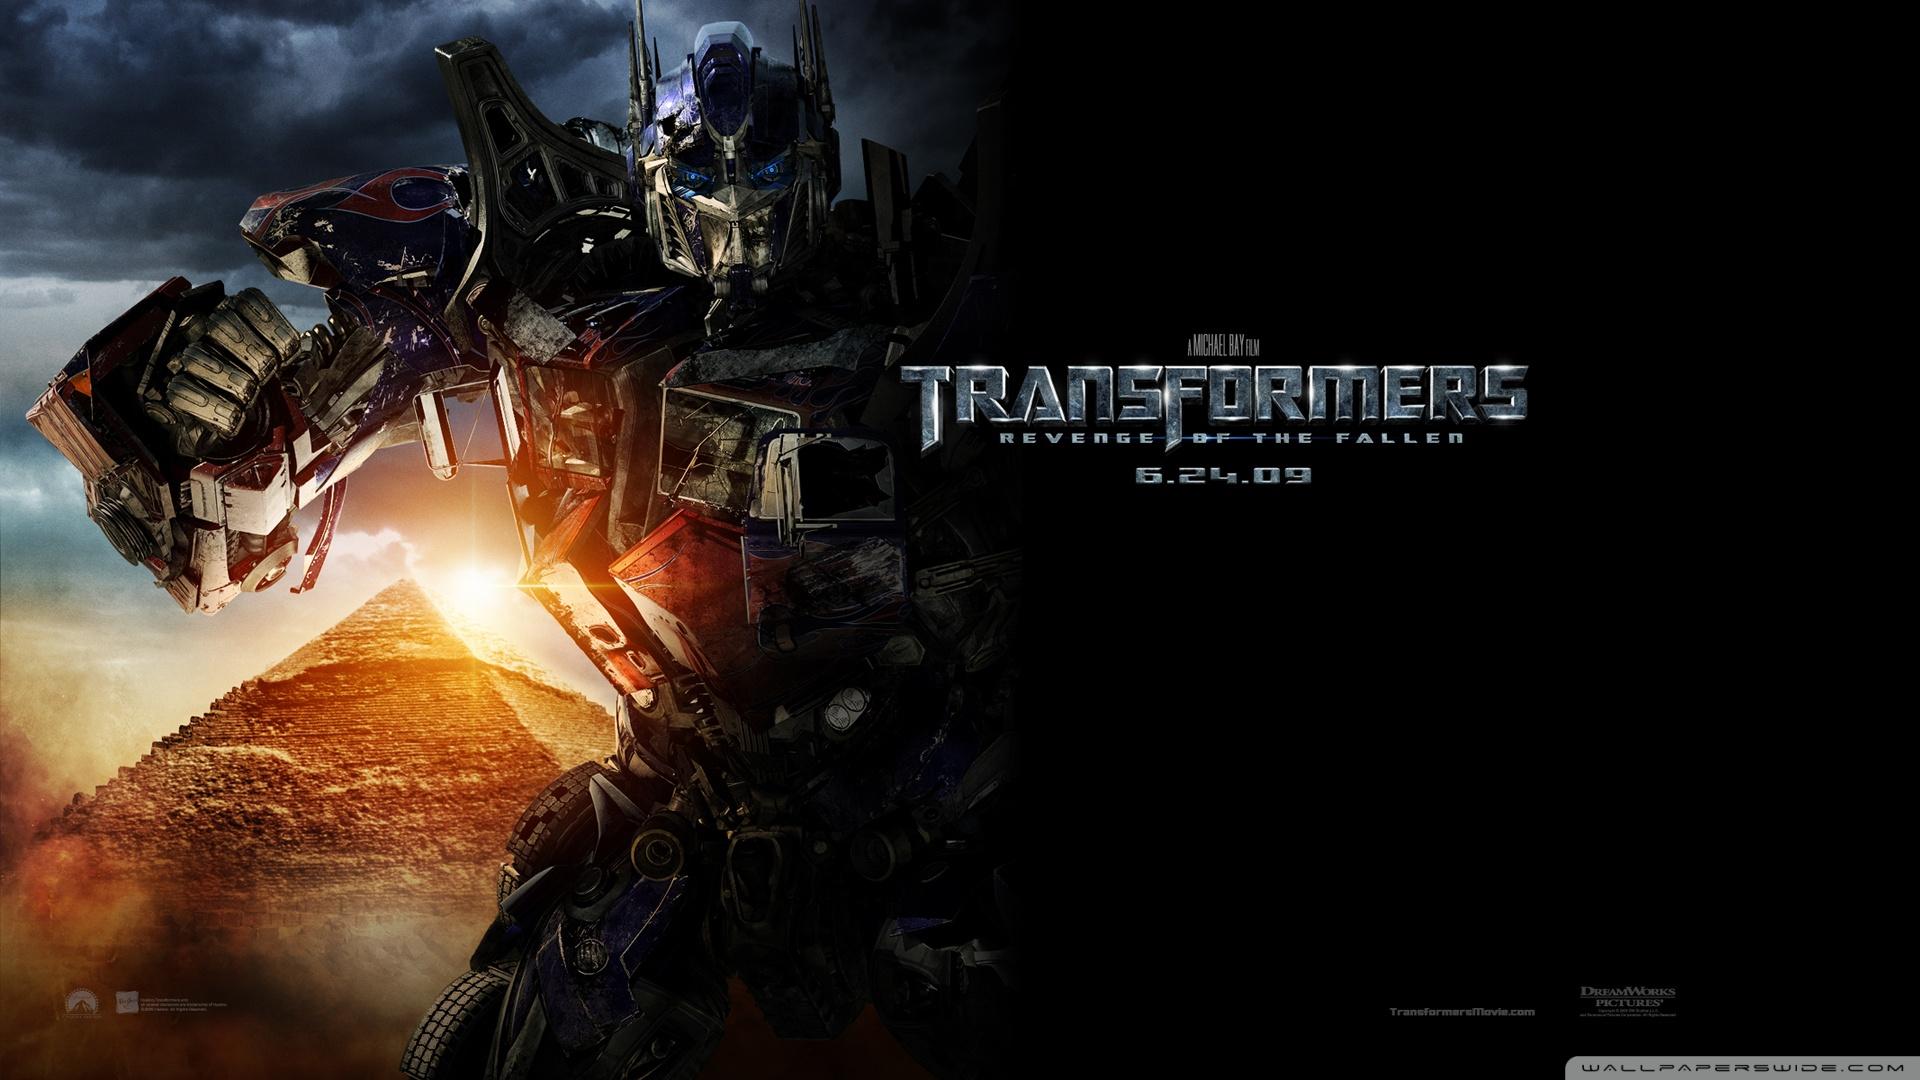 Transformers Revenge Of The Fallen HD desktop wallpaper